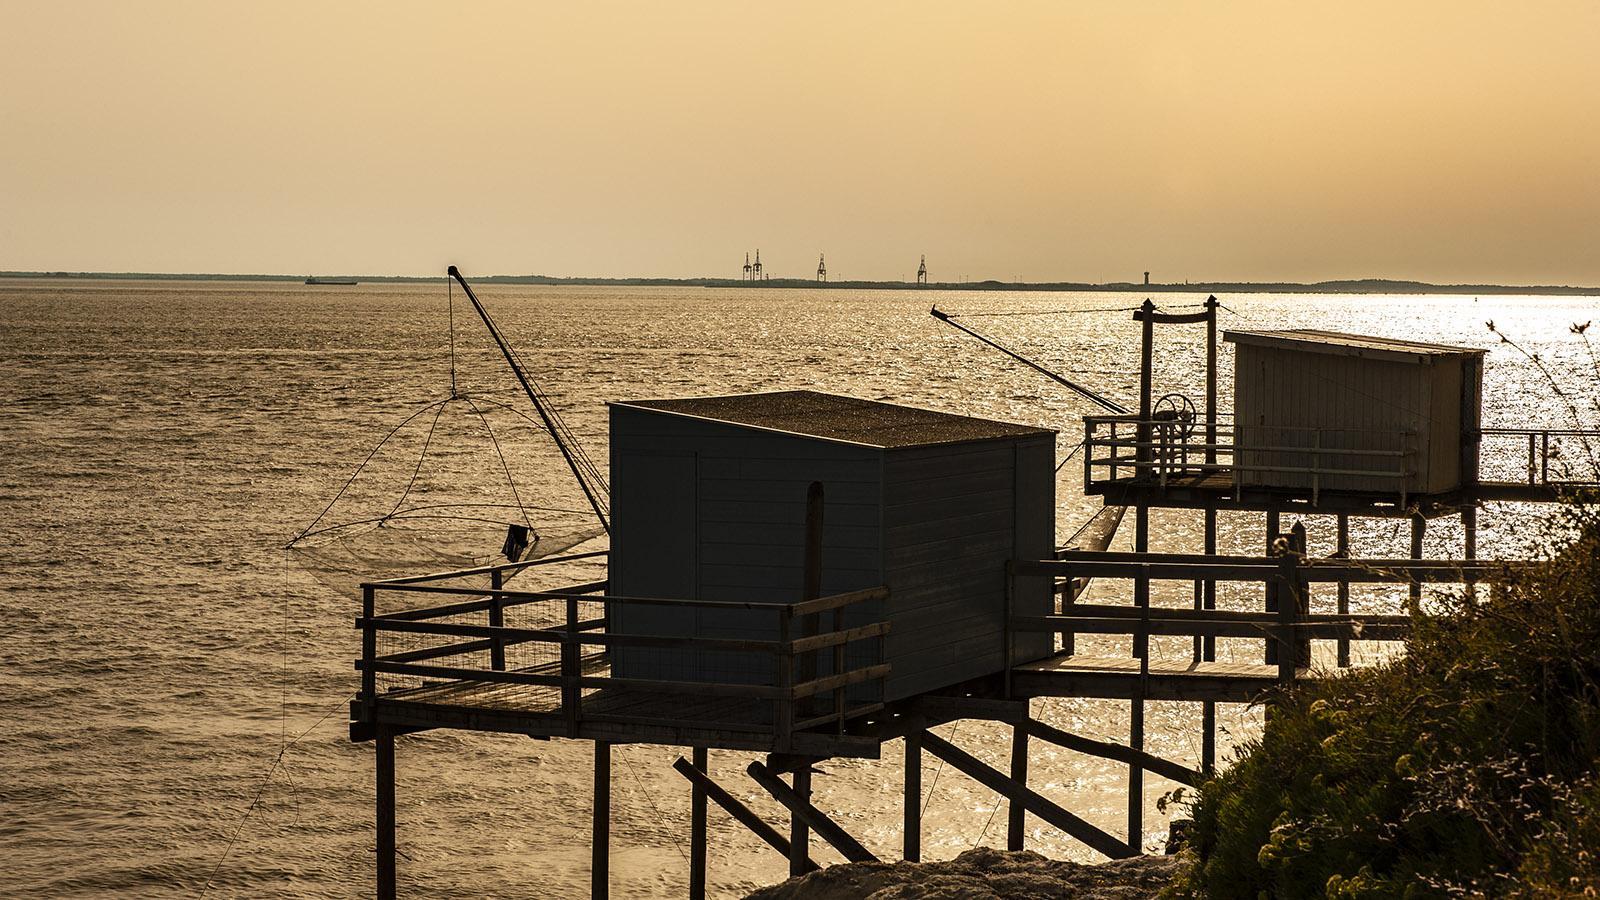 Die Fischerhütten von Meschers-sur-Gironde am frühen Abend. Foto: Hilke Maunder